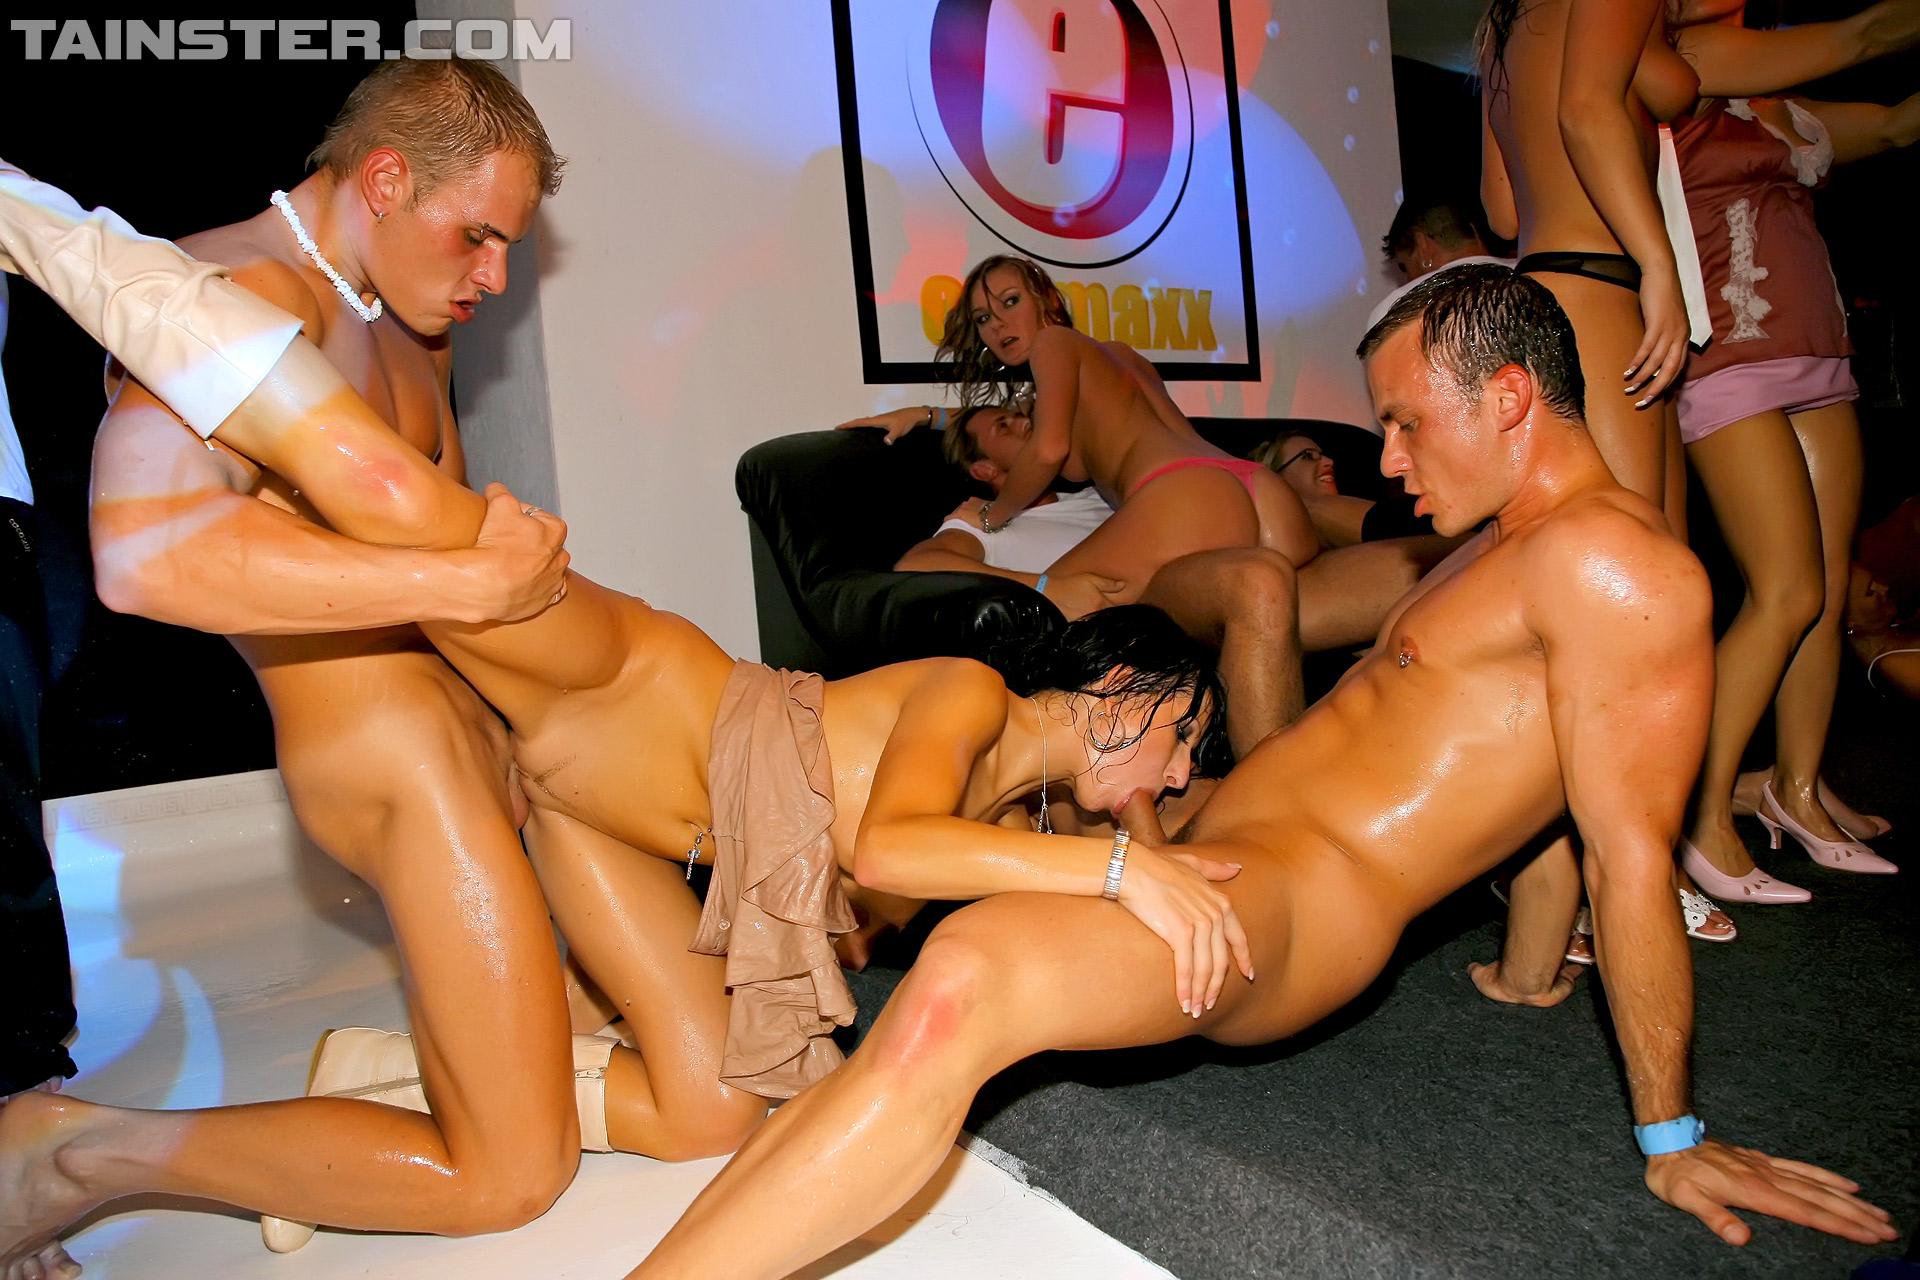 Секс шоу бесплатно, секс НА реалити шоу: порно видео онлайн, смотреть 8 фотография